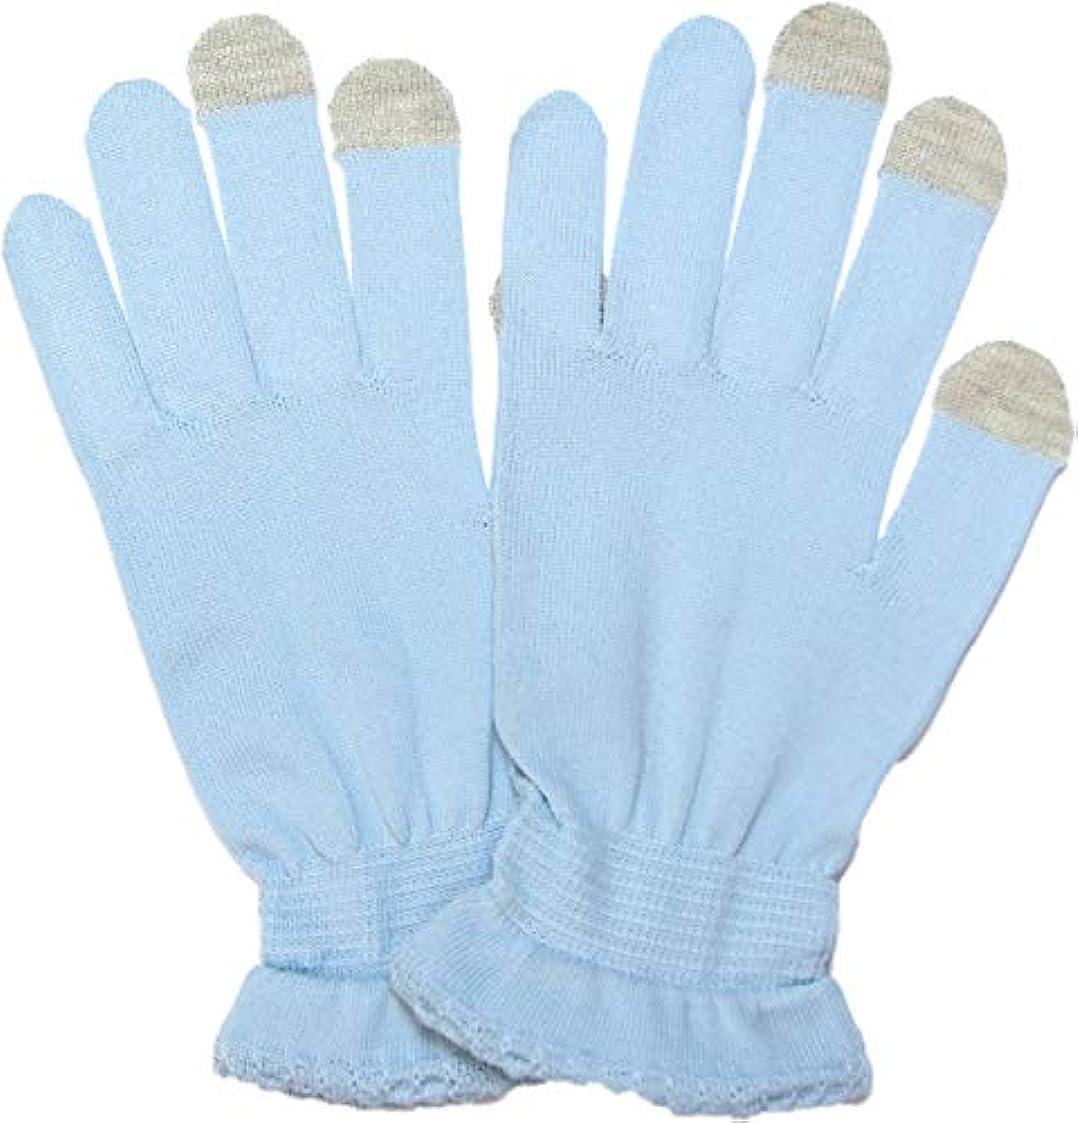 アンドリューハリディ咳悪意のあるテブクロイチバ【おやすみ手袋 コラーゲン】スマホOK 日本製 6519